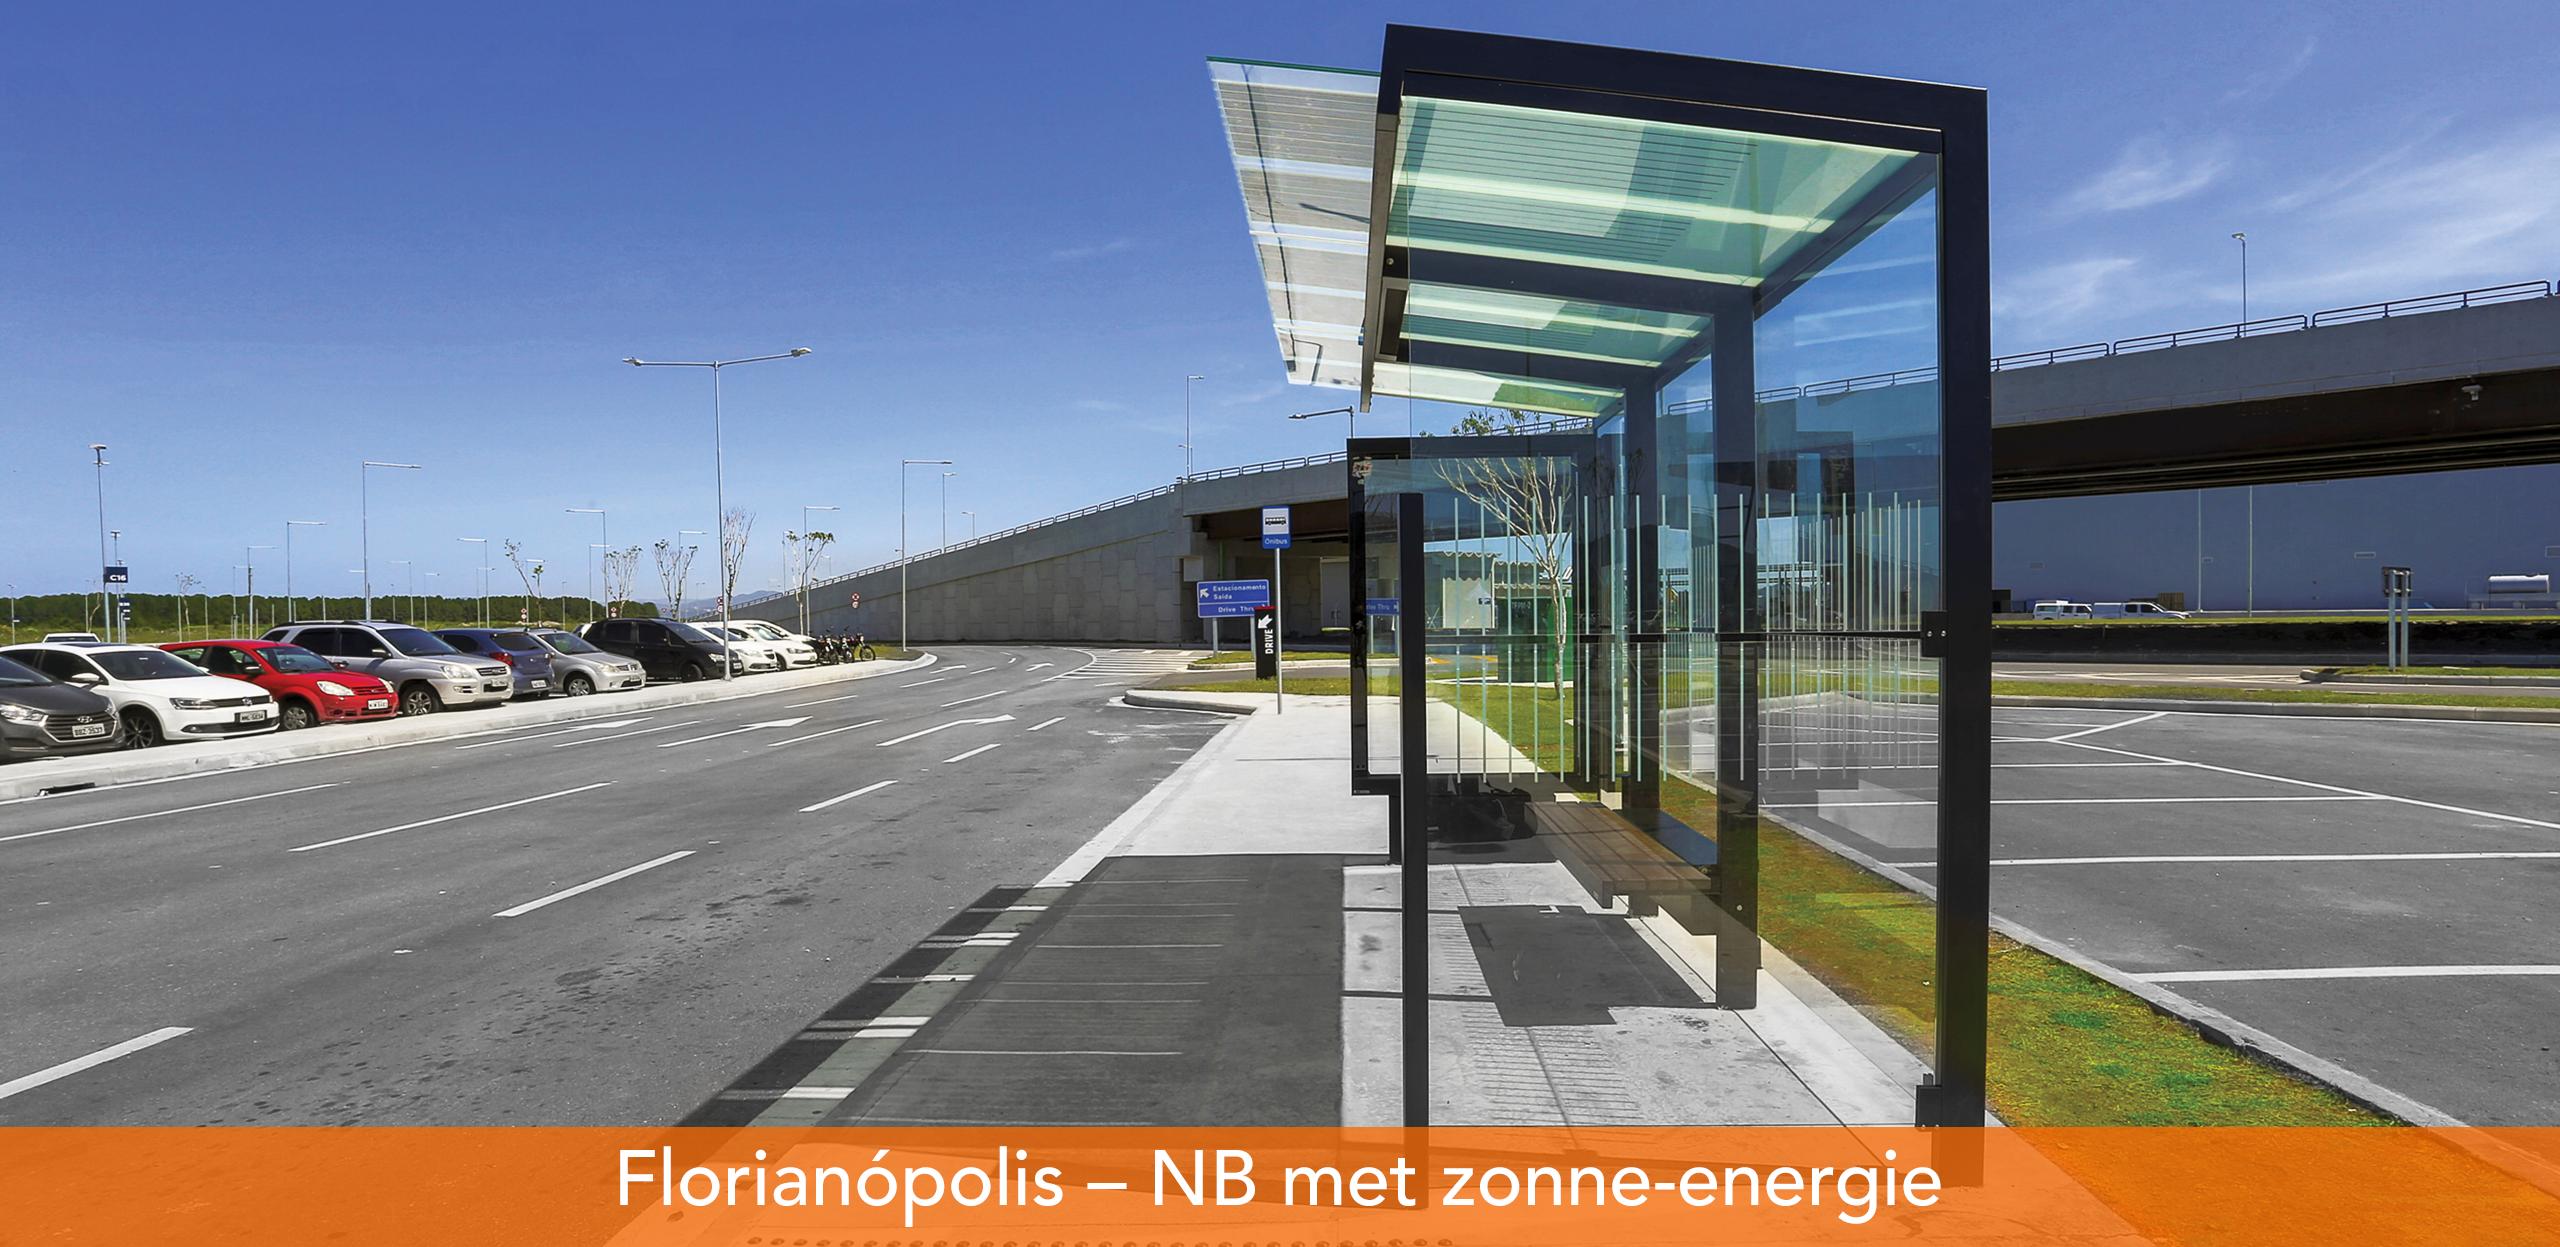 Florianópolis – NB met zonne-energie